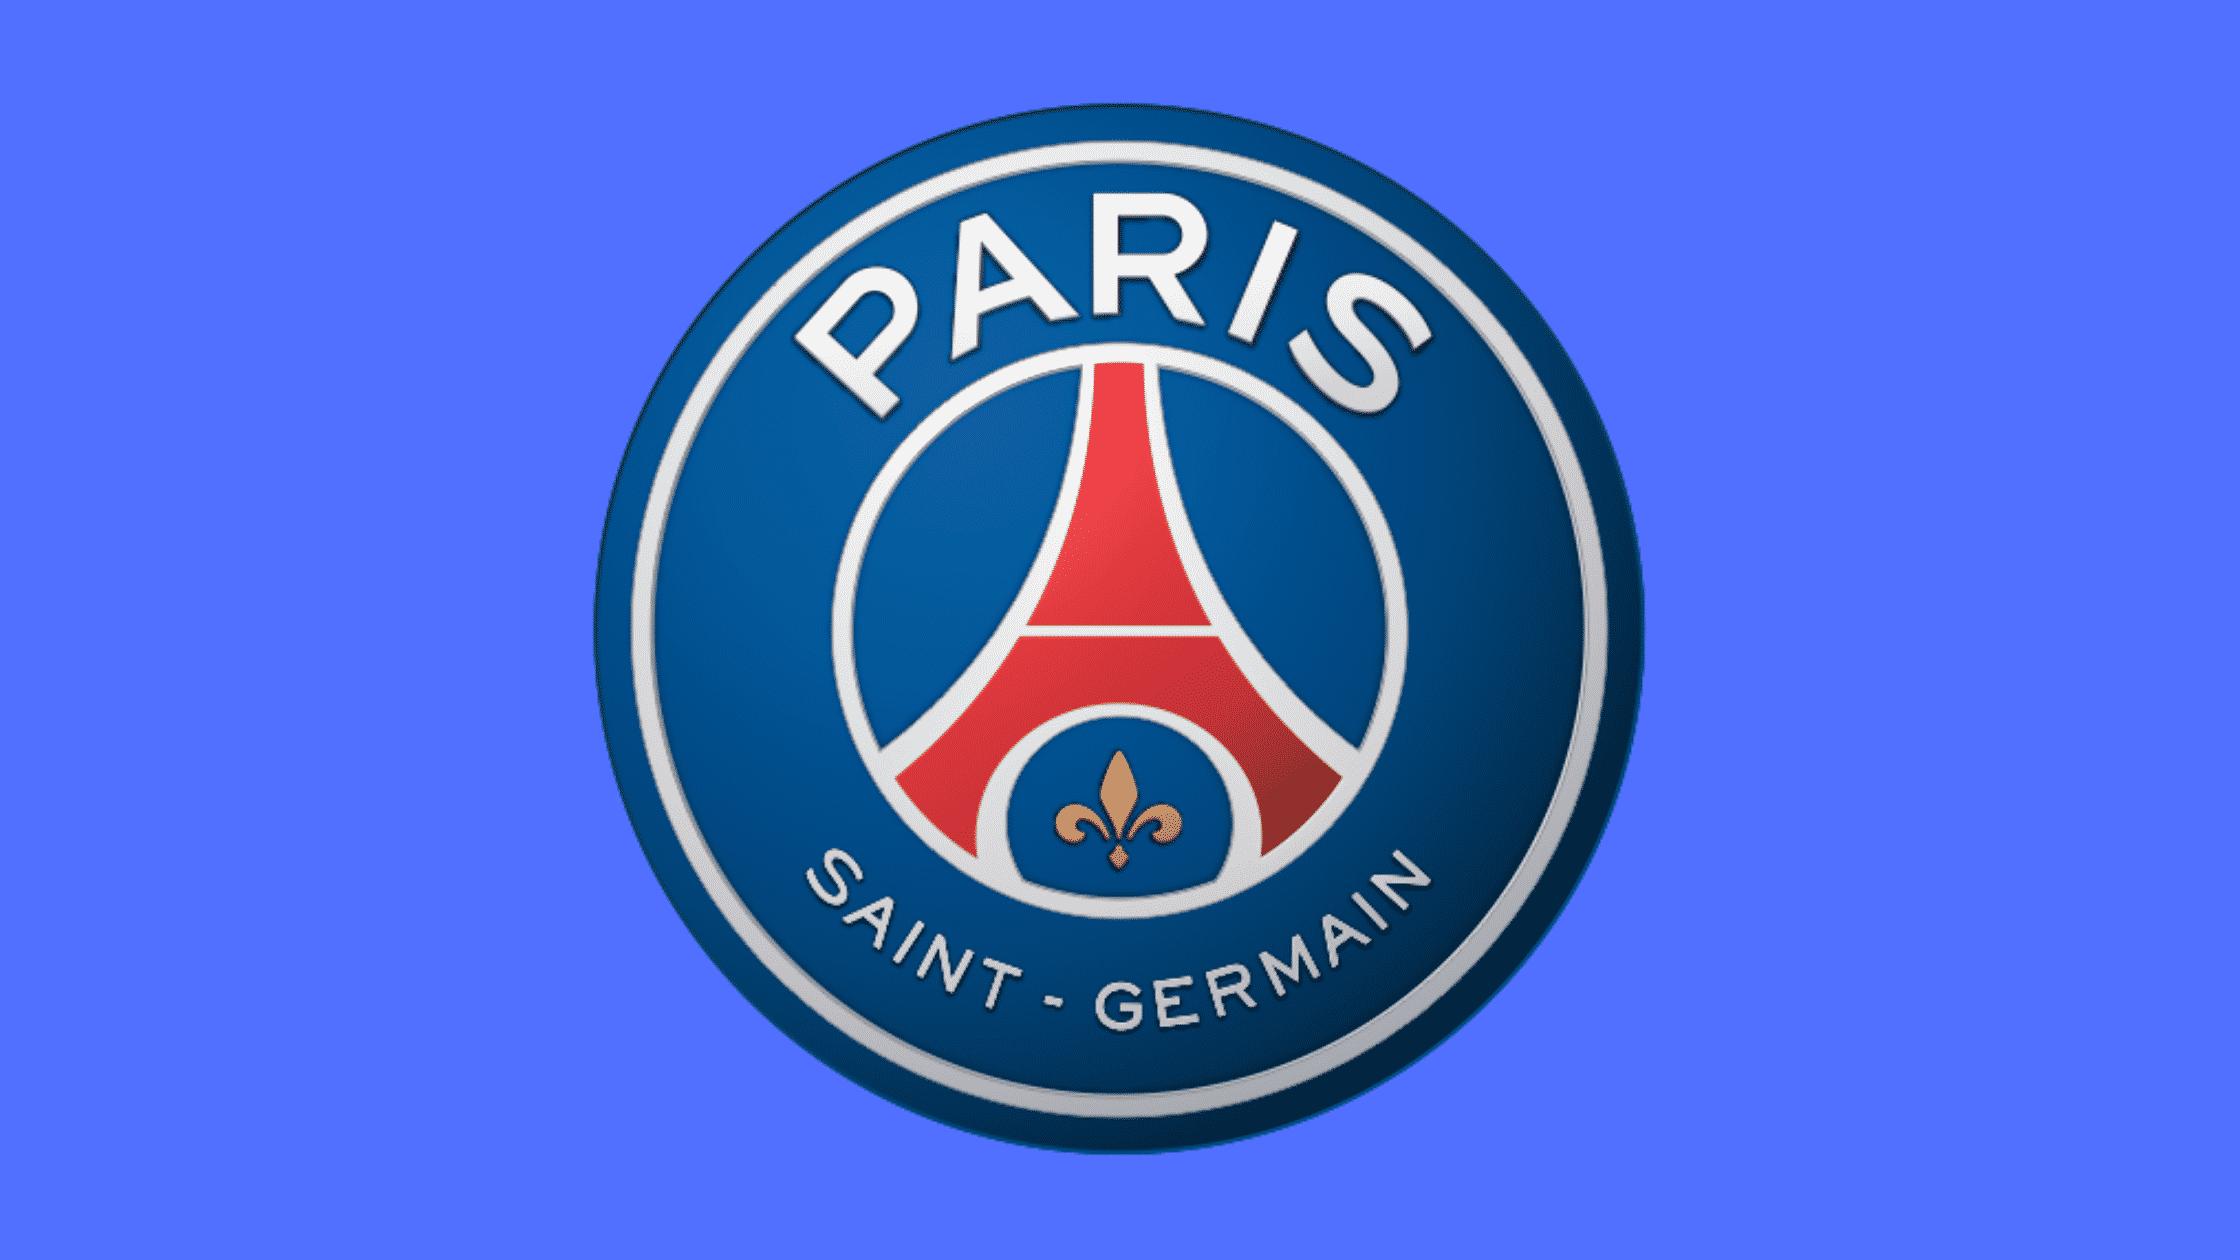 Paris Saint-Germain, Paris St Germain, PSG: Spiele, heute, live, TV-Übertragung, Live-Stream, Stream, Live-Ticker, Ticker Sky, DAZN, Champions League, Ligue 1, Ligue One, Neymar, Kylian Mbappé, Mbappe.